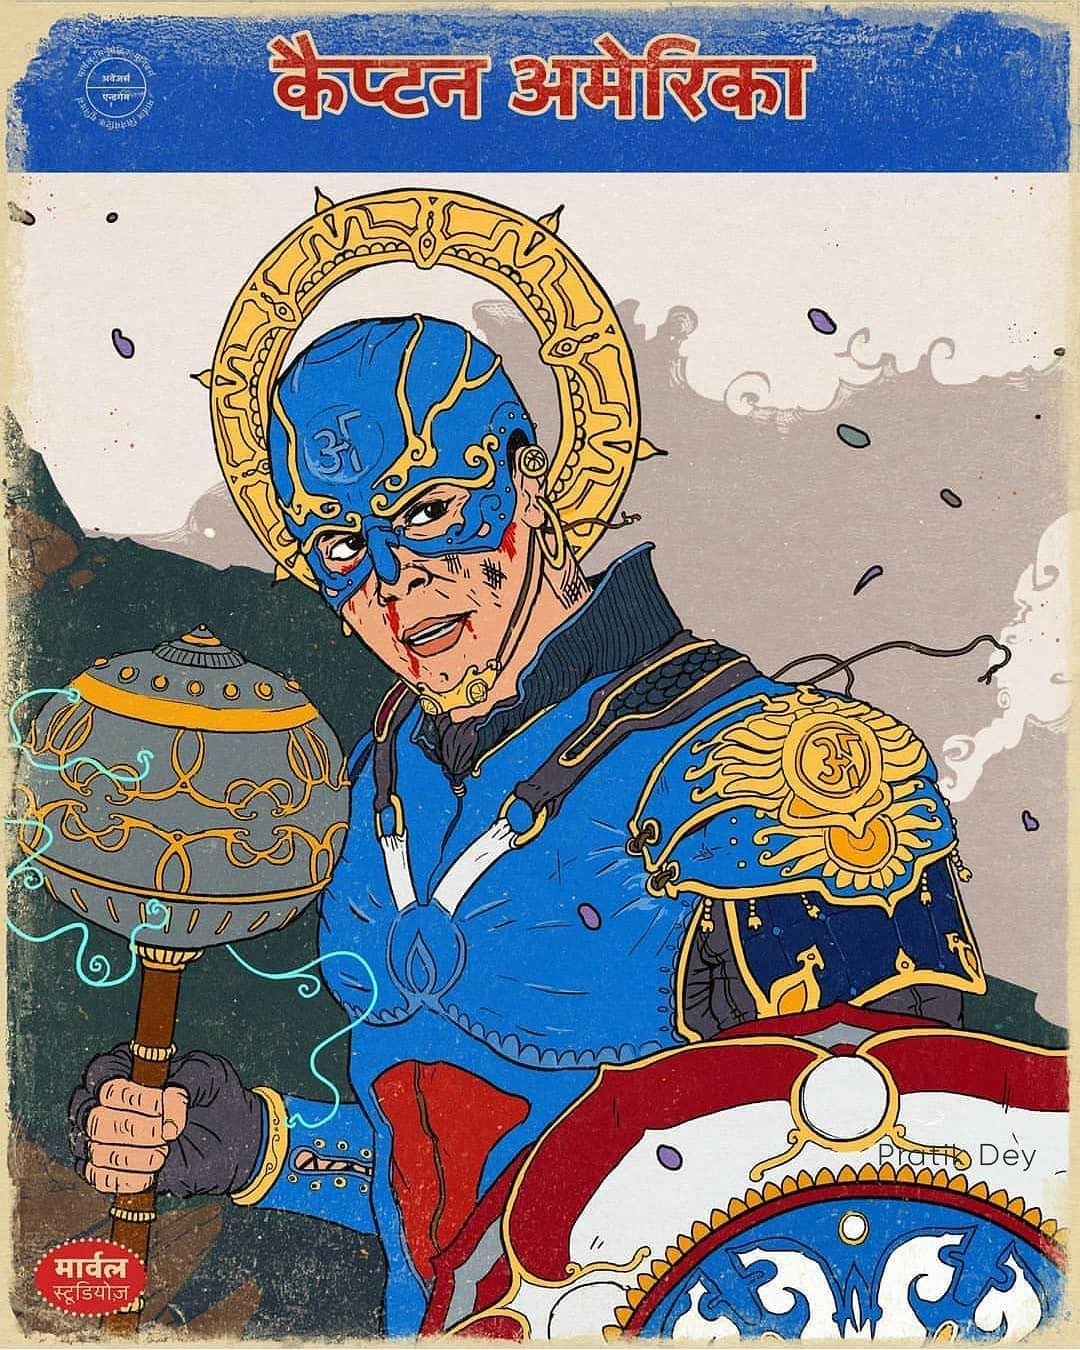 Official Marvel Avengers digital artwork